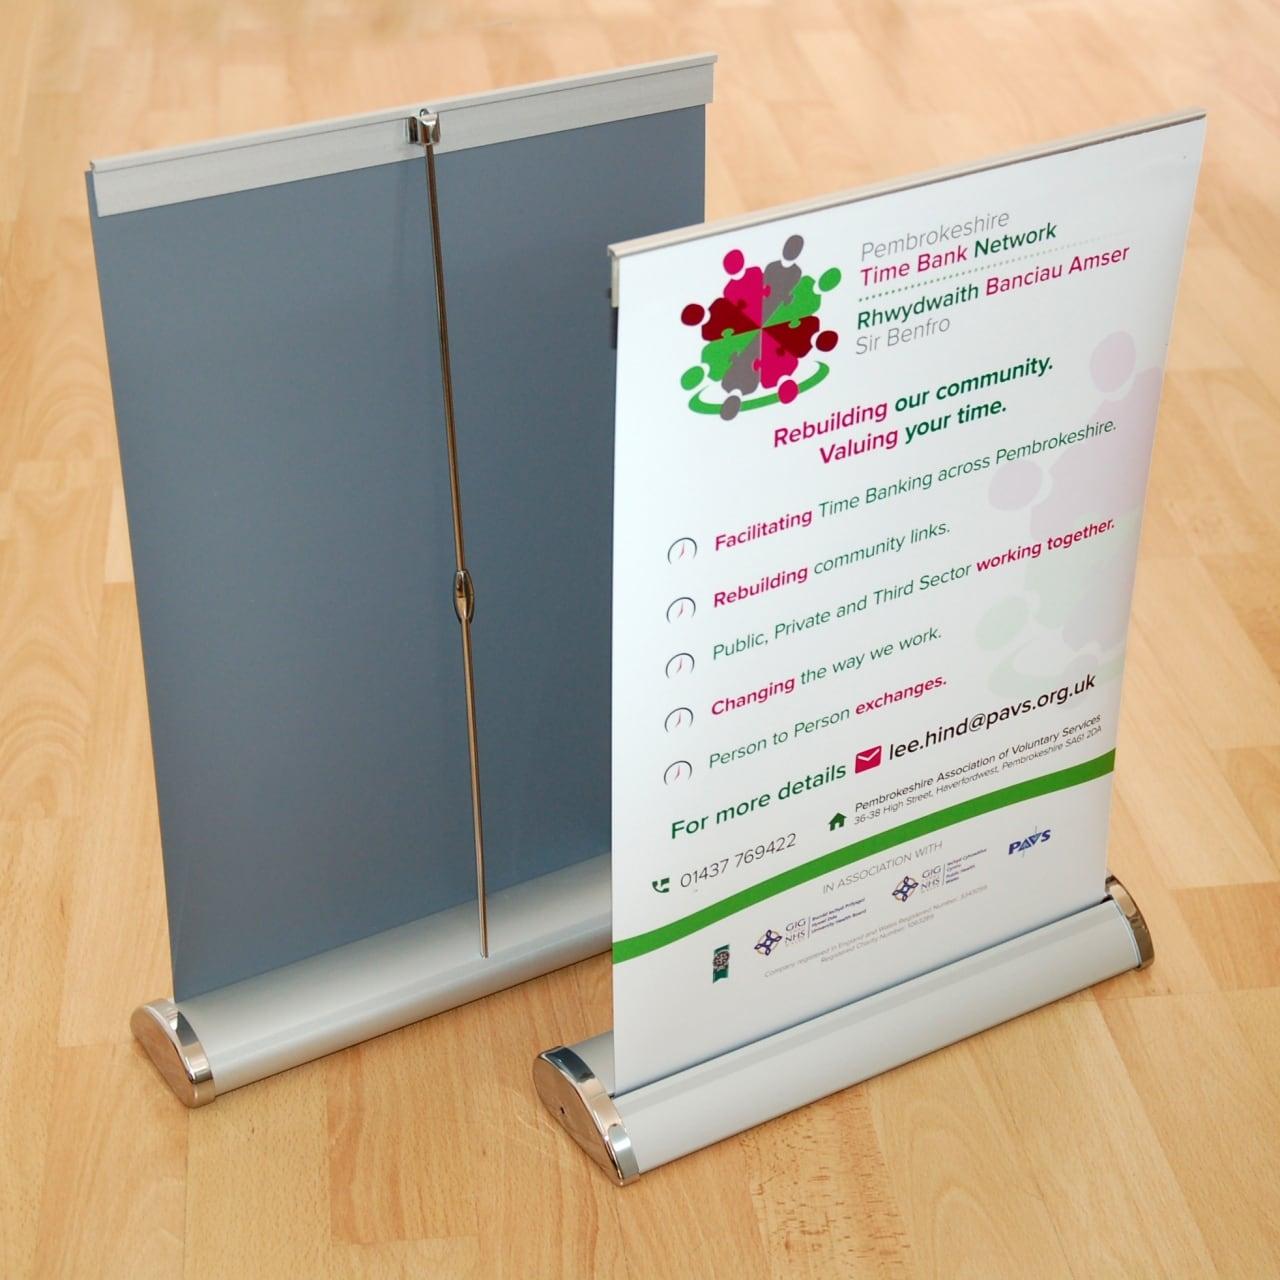 Pembrokeshire Time BankBanner & Sign Design Case Study